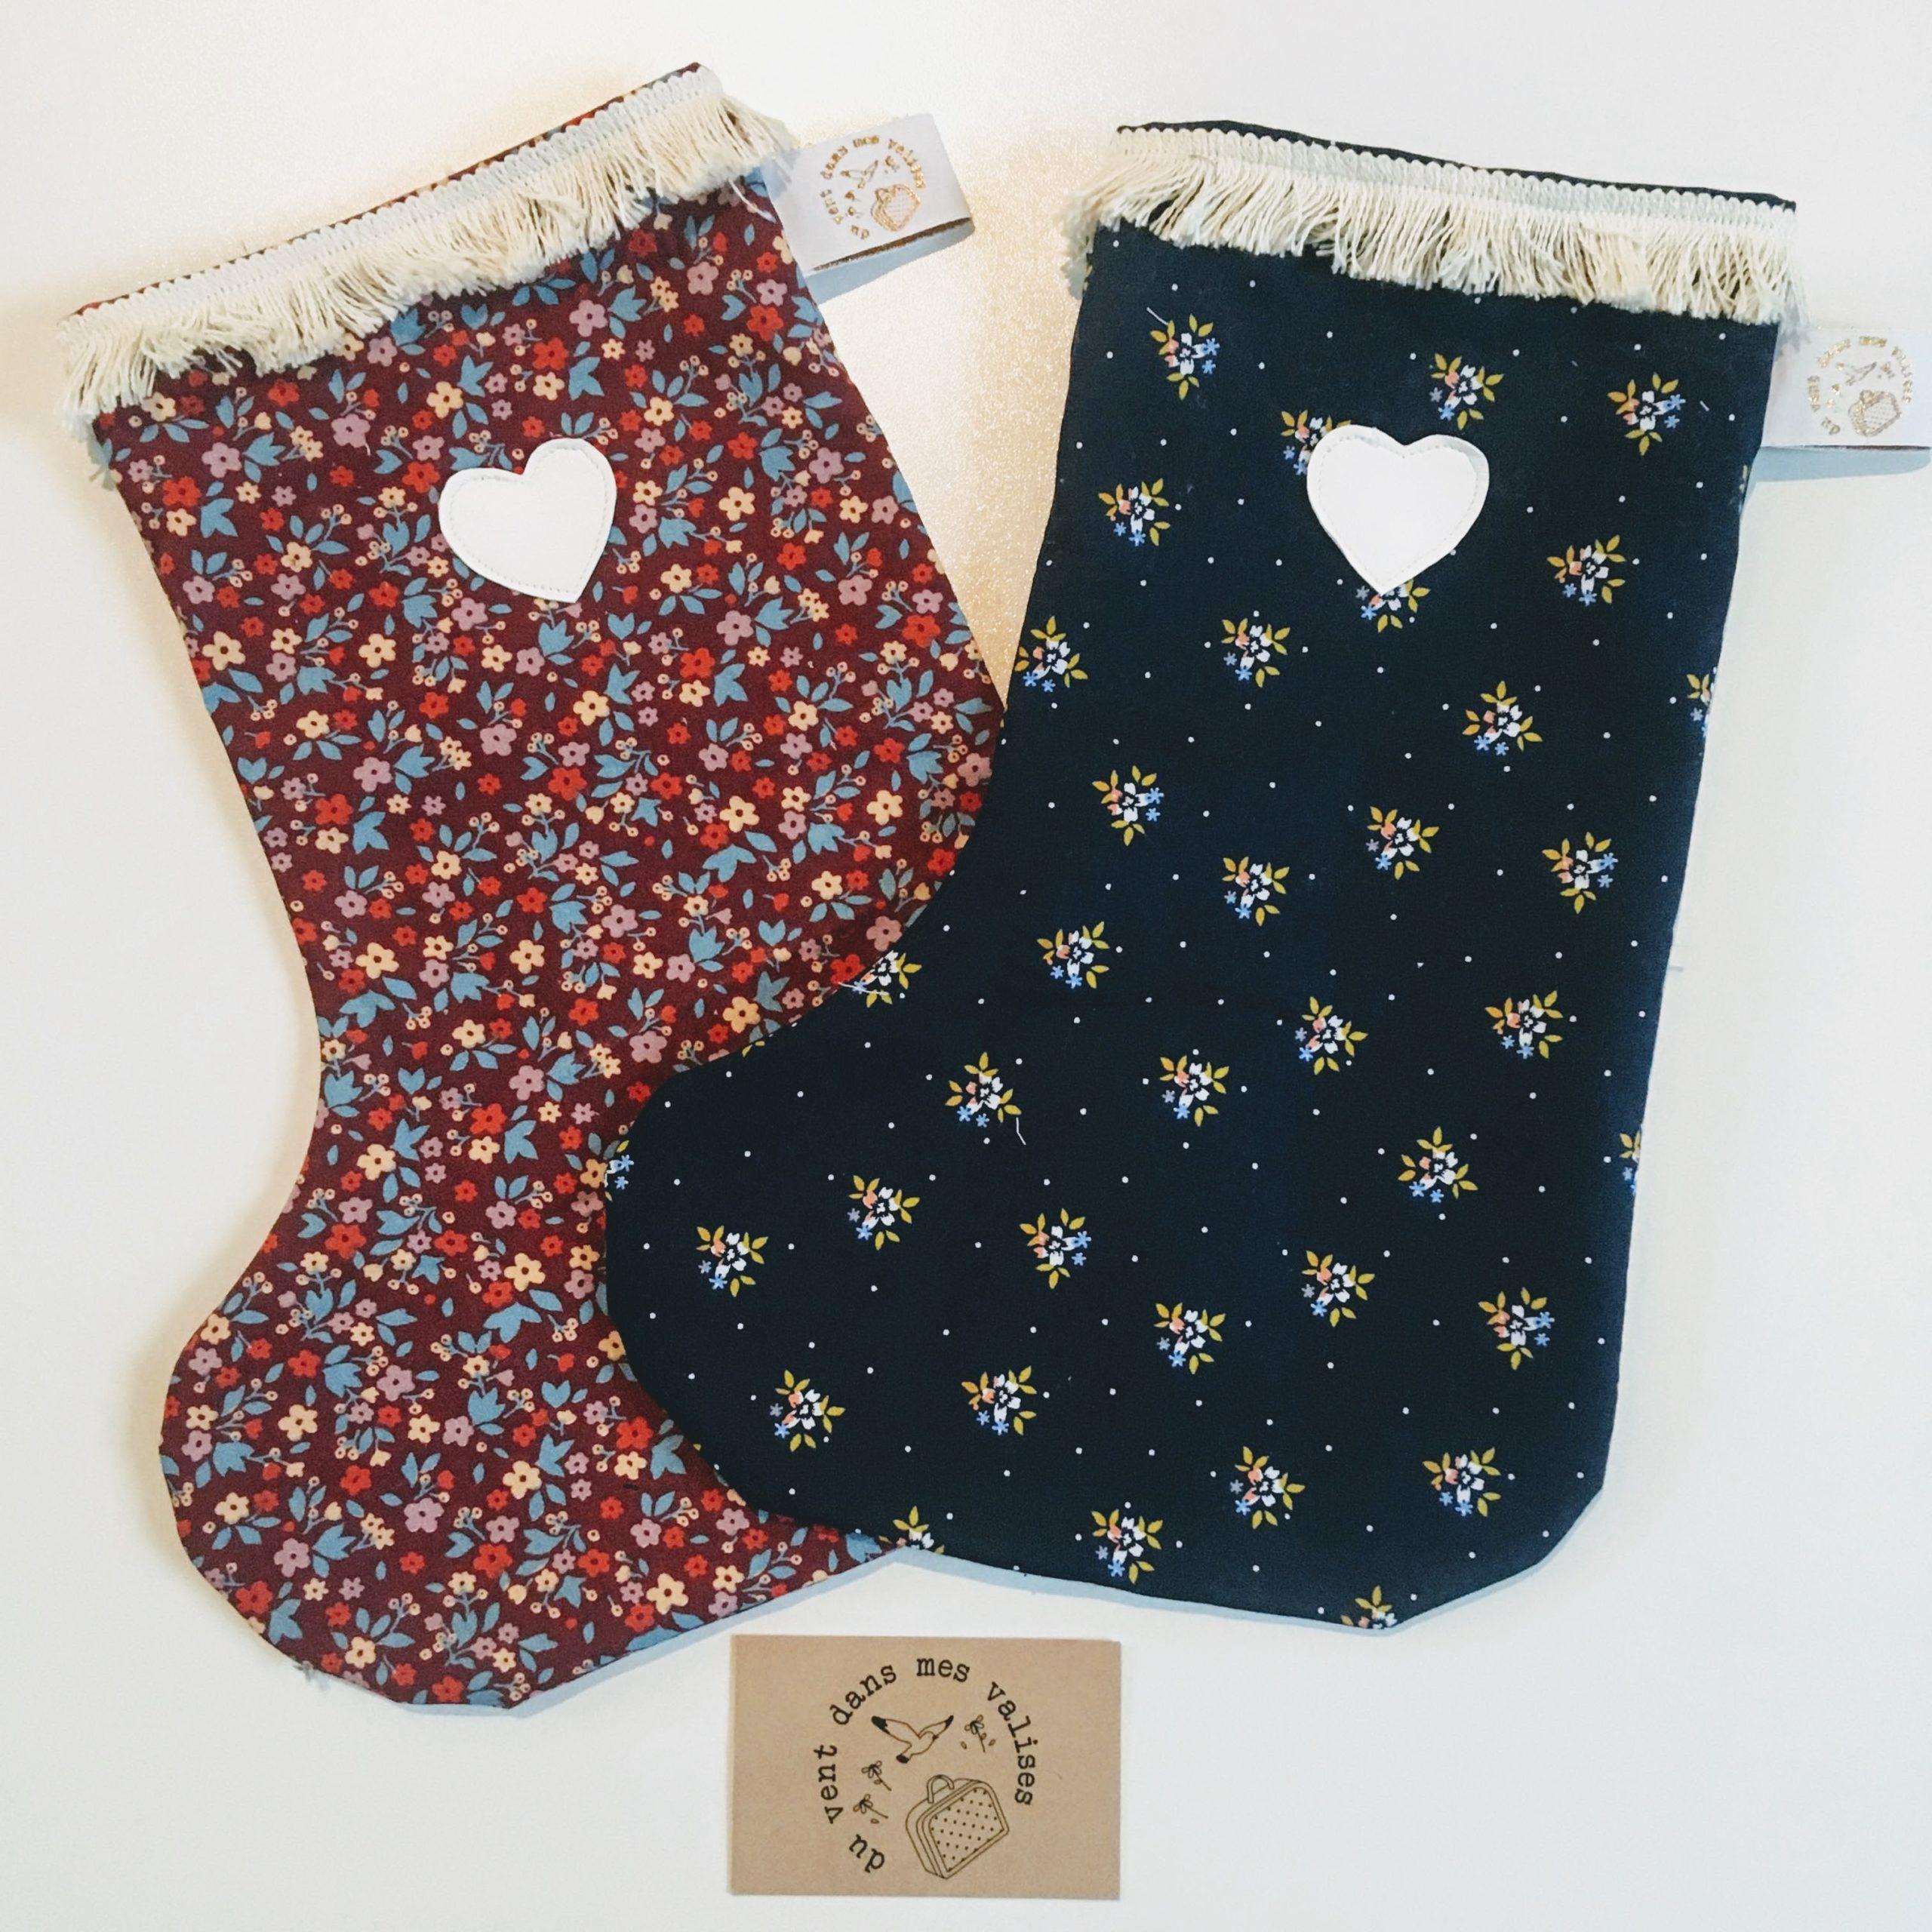 bottes de Noël traditionnel, durable et folk personnalisable en coton made in France - du vent dans mes valises